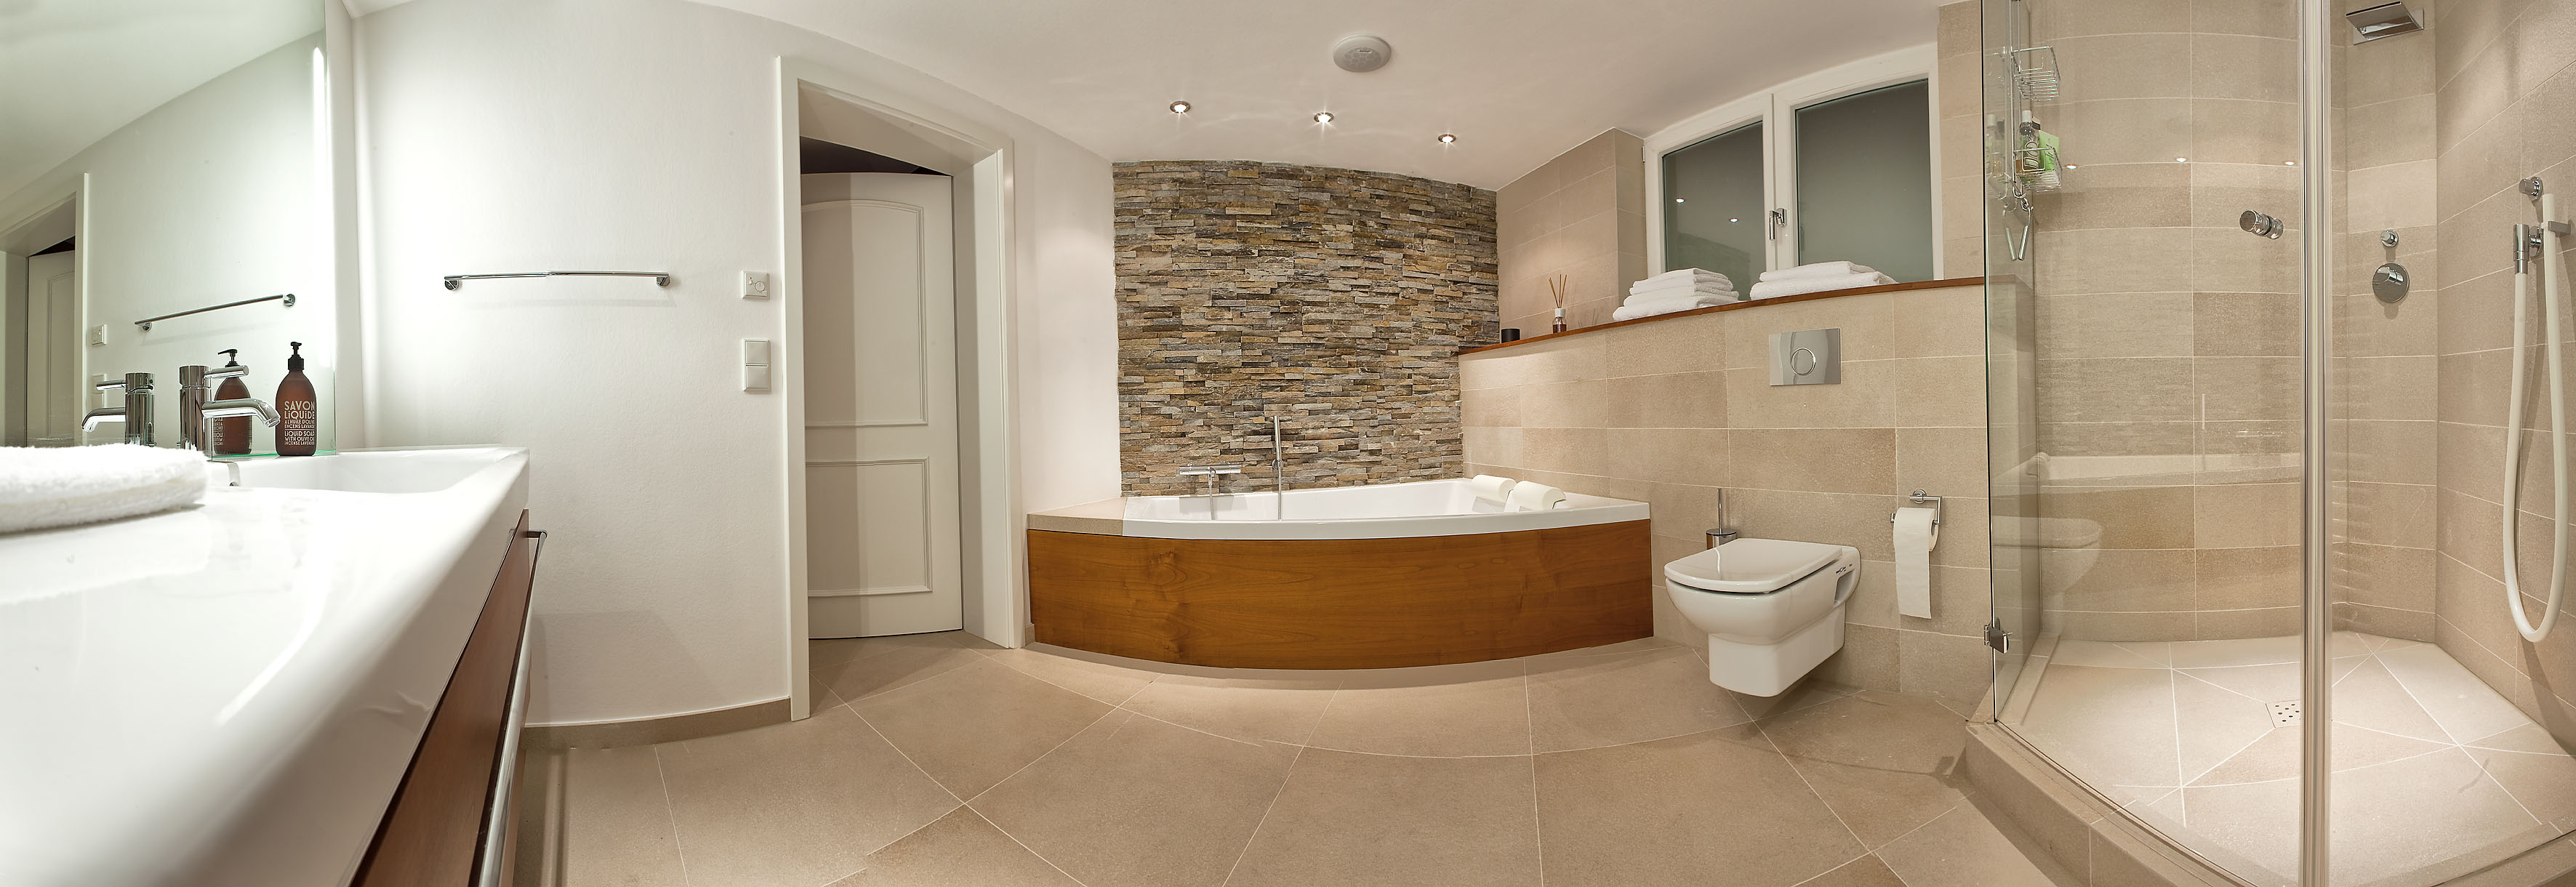 Besuchen Sie Unsere Badezimmer Ausstellung Und Lassen Sie Sich Individuell  Beraten.